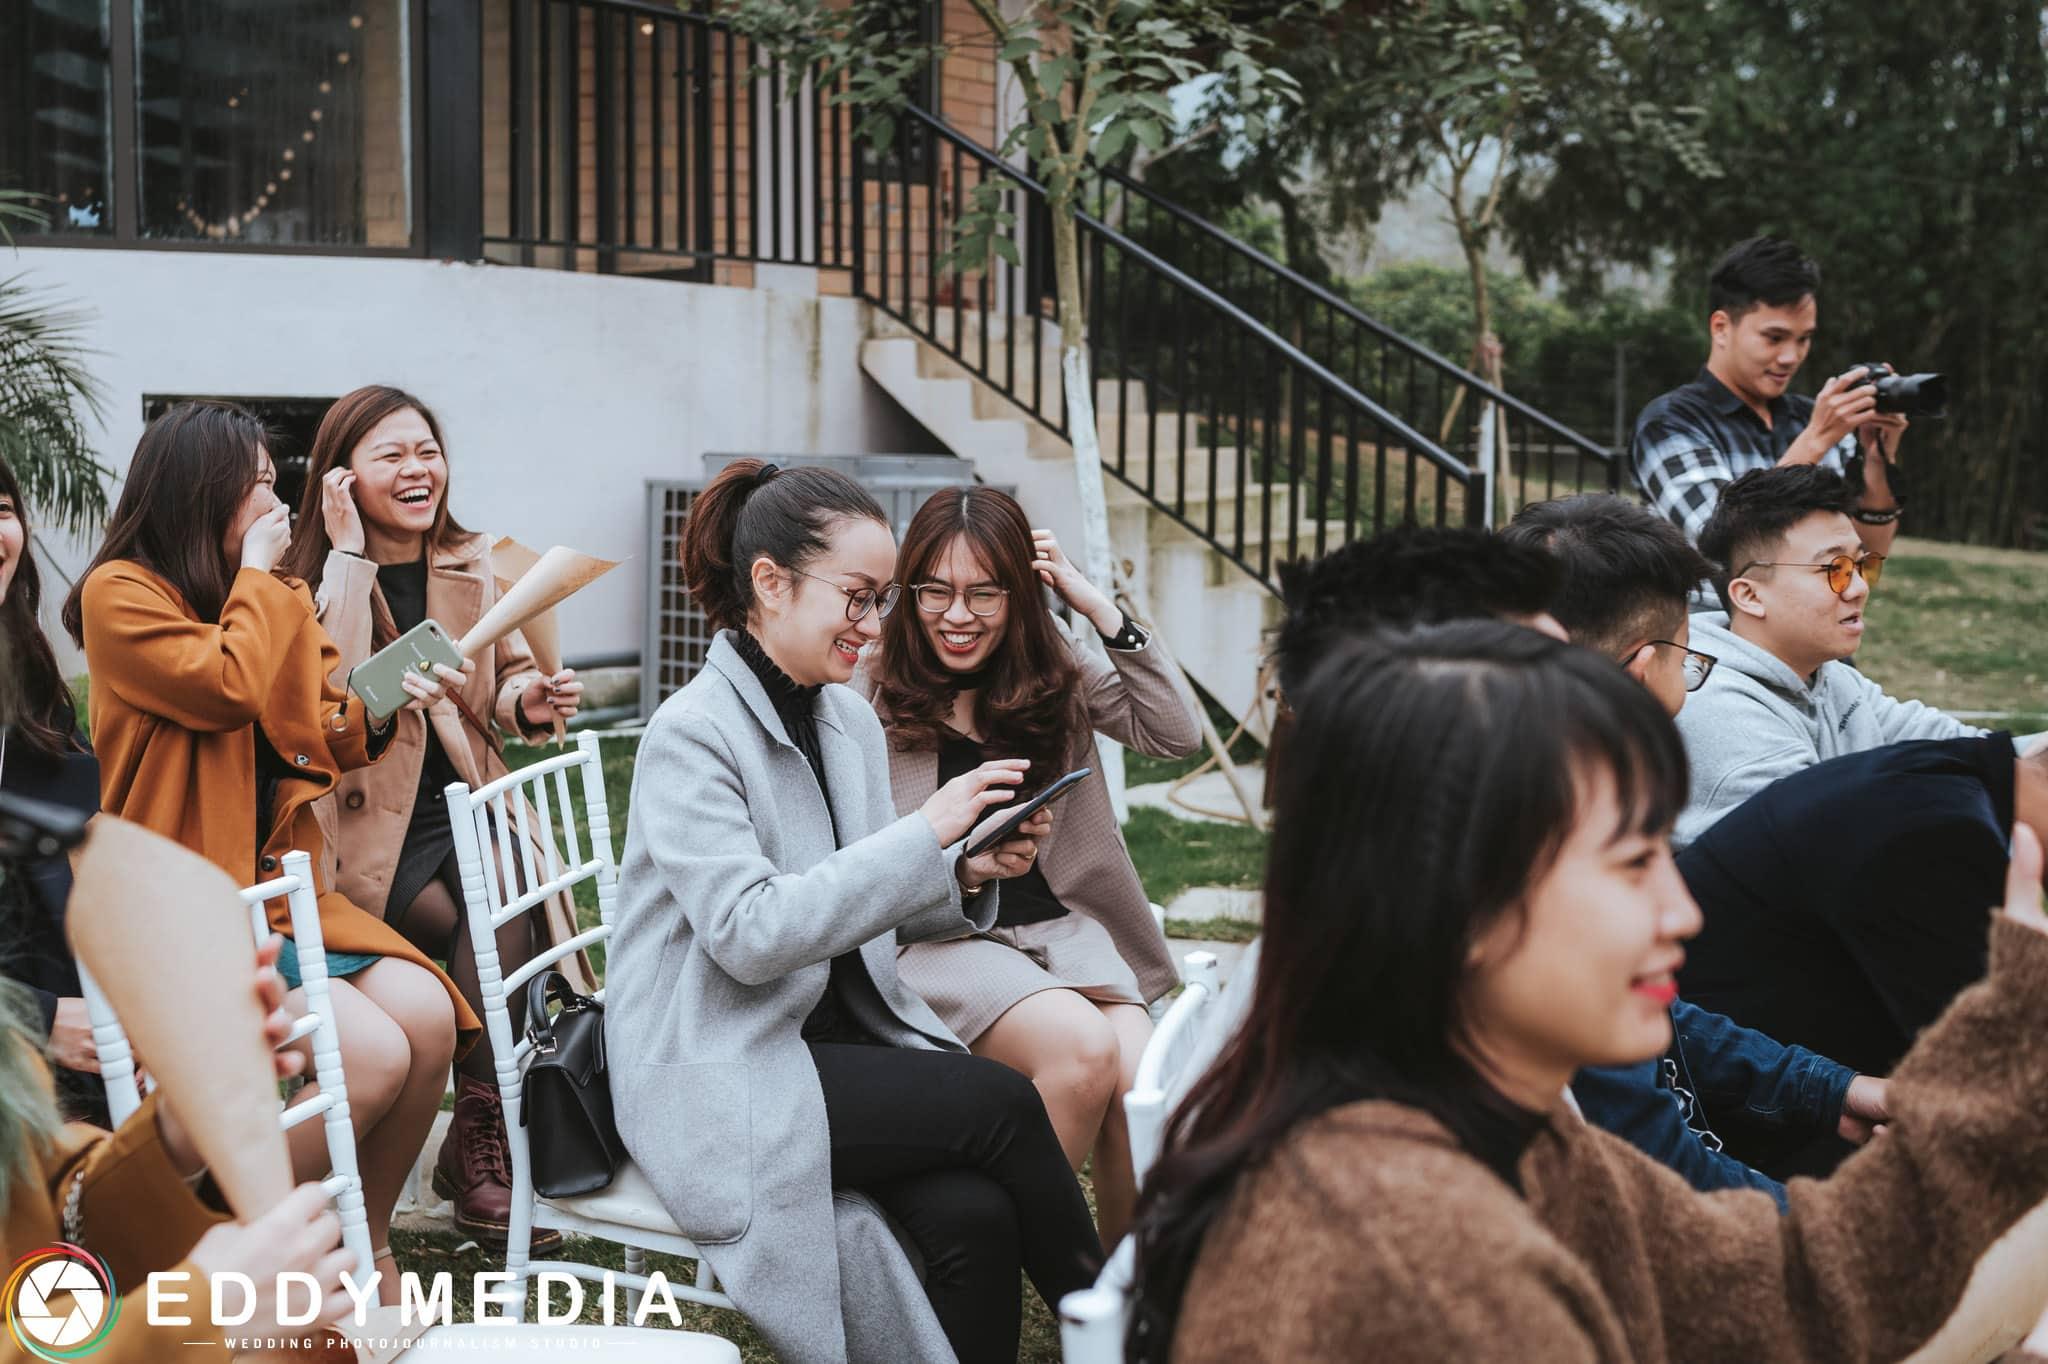 Phongsucuoi AnhQuan HaMy EddyMedia 46 lưu ảnh trên điện thoại,4 nguy cơ khi lưu ảnh trên điện thoại